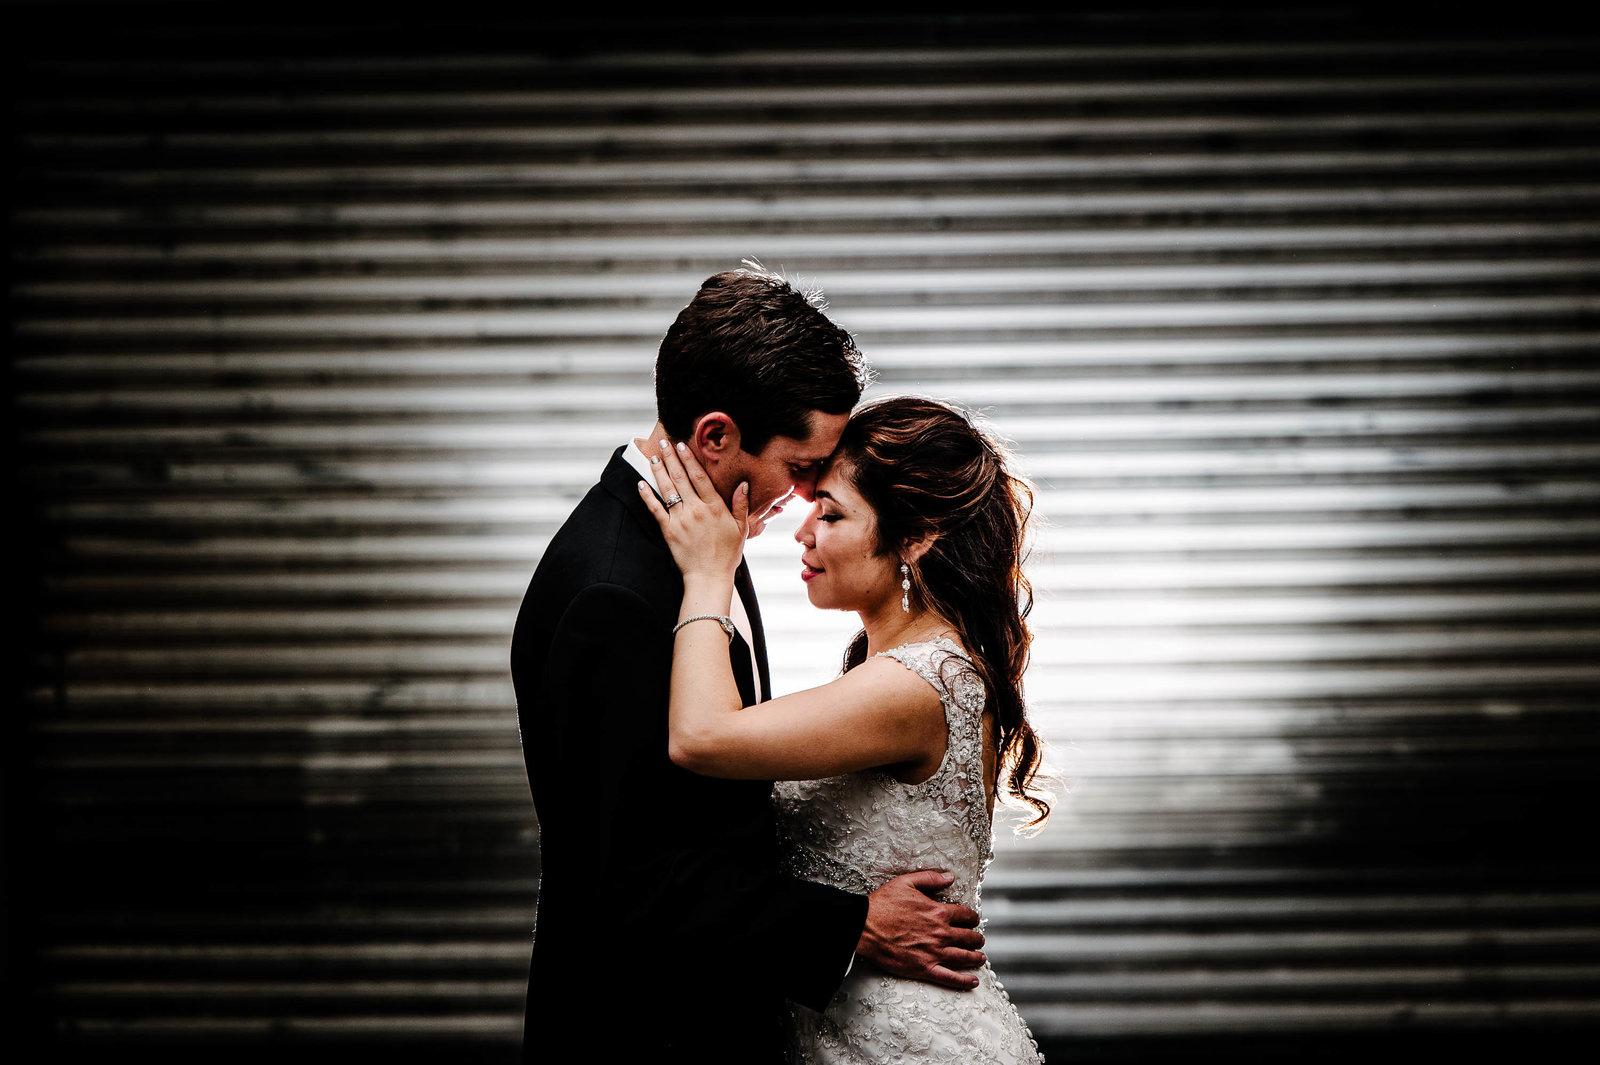 284-El-paso-wedding-photographer-El Paso Wedding Photographer_P78